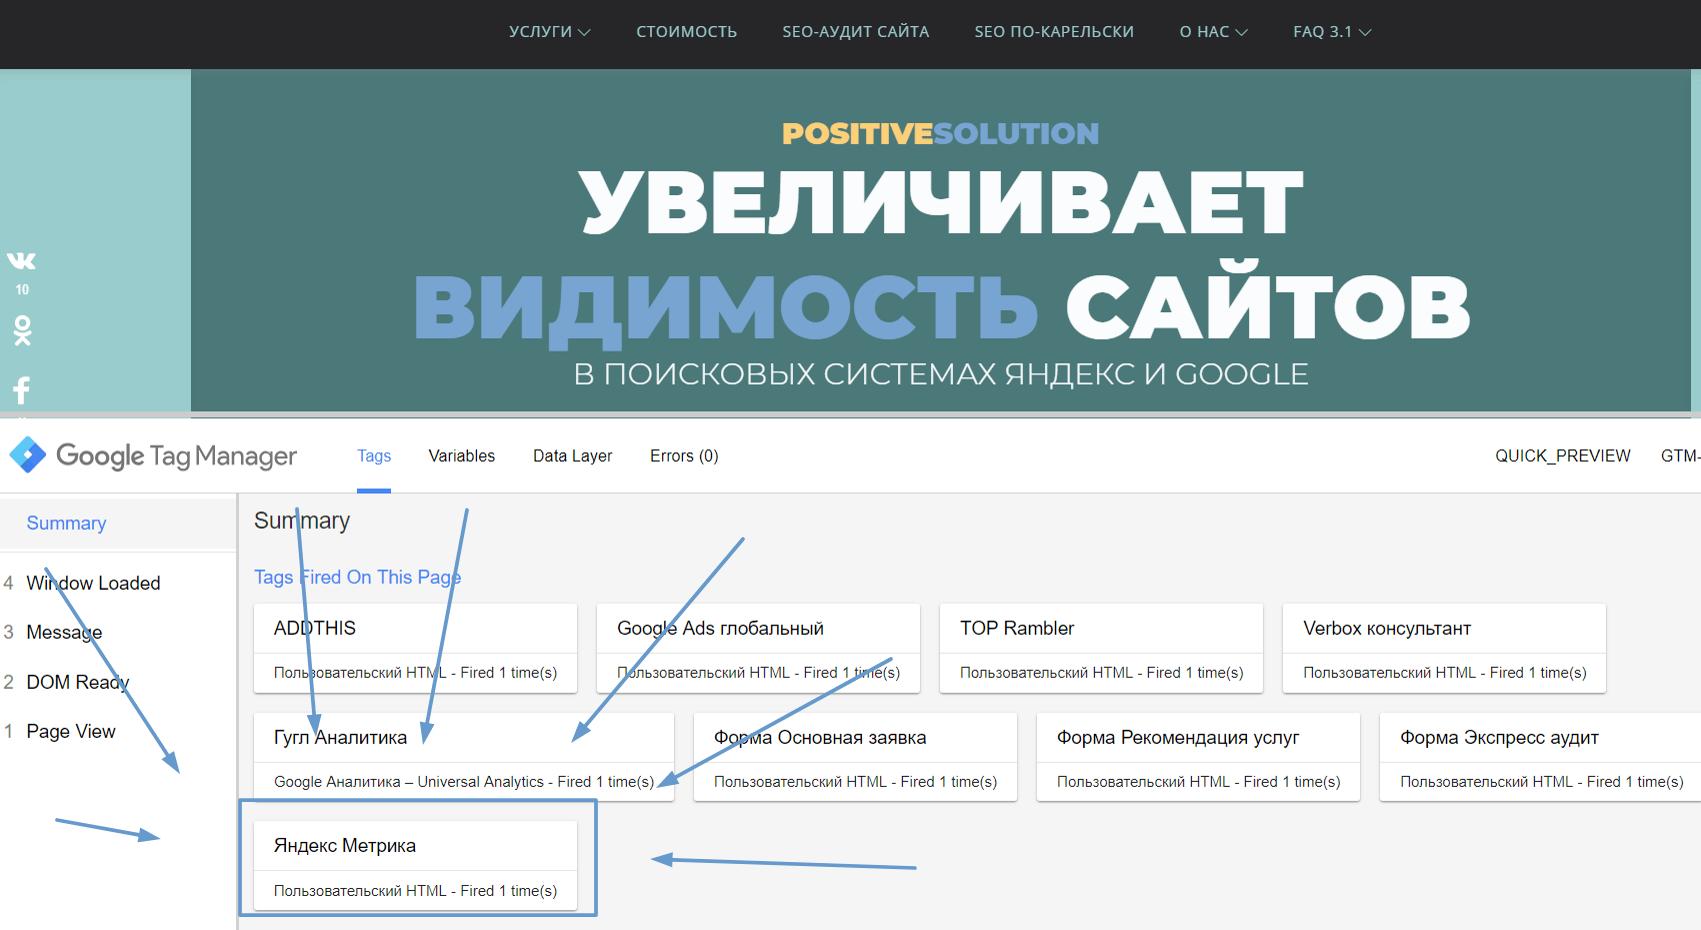 screenshot17 - Яндекс Метрика через Google Tag Manager